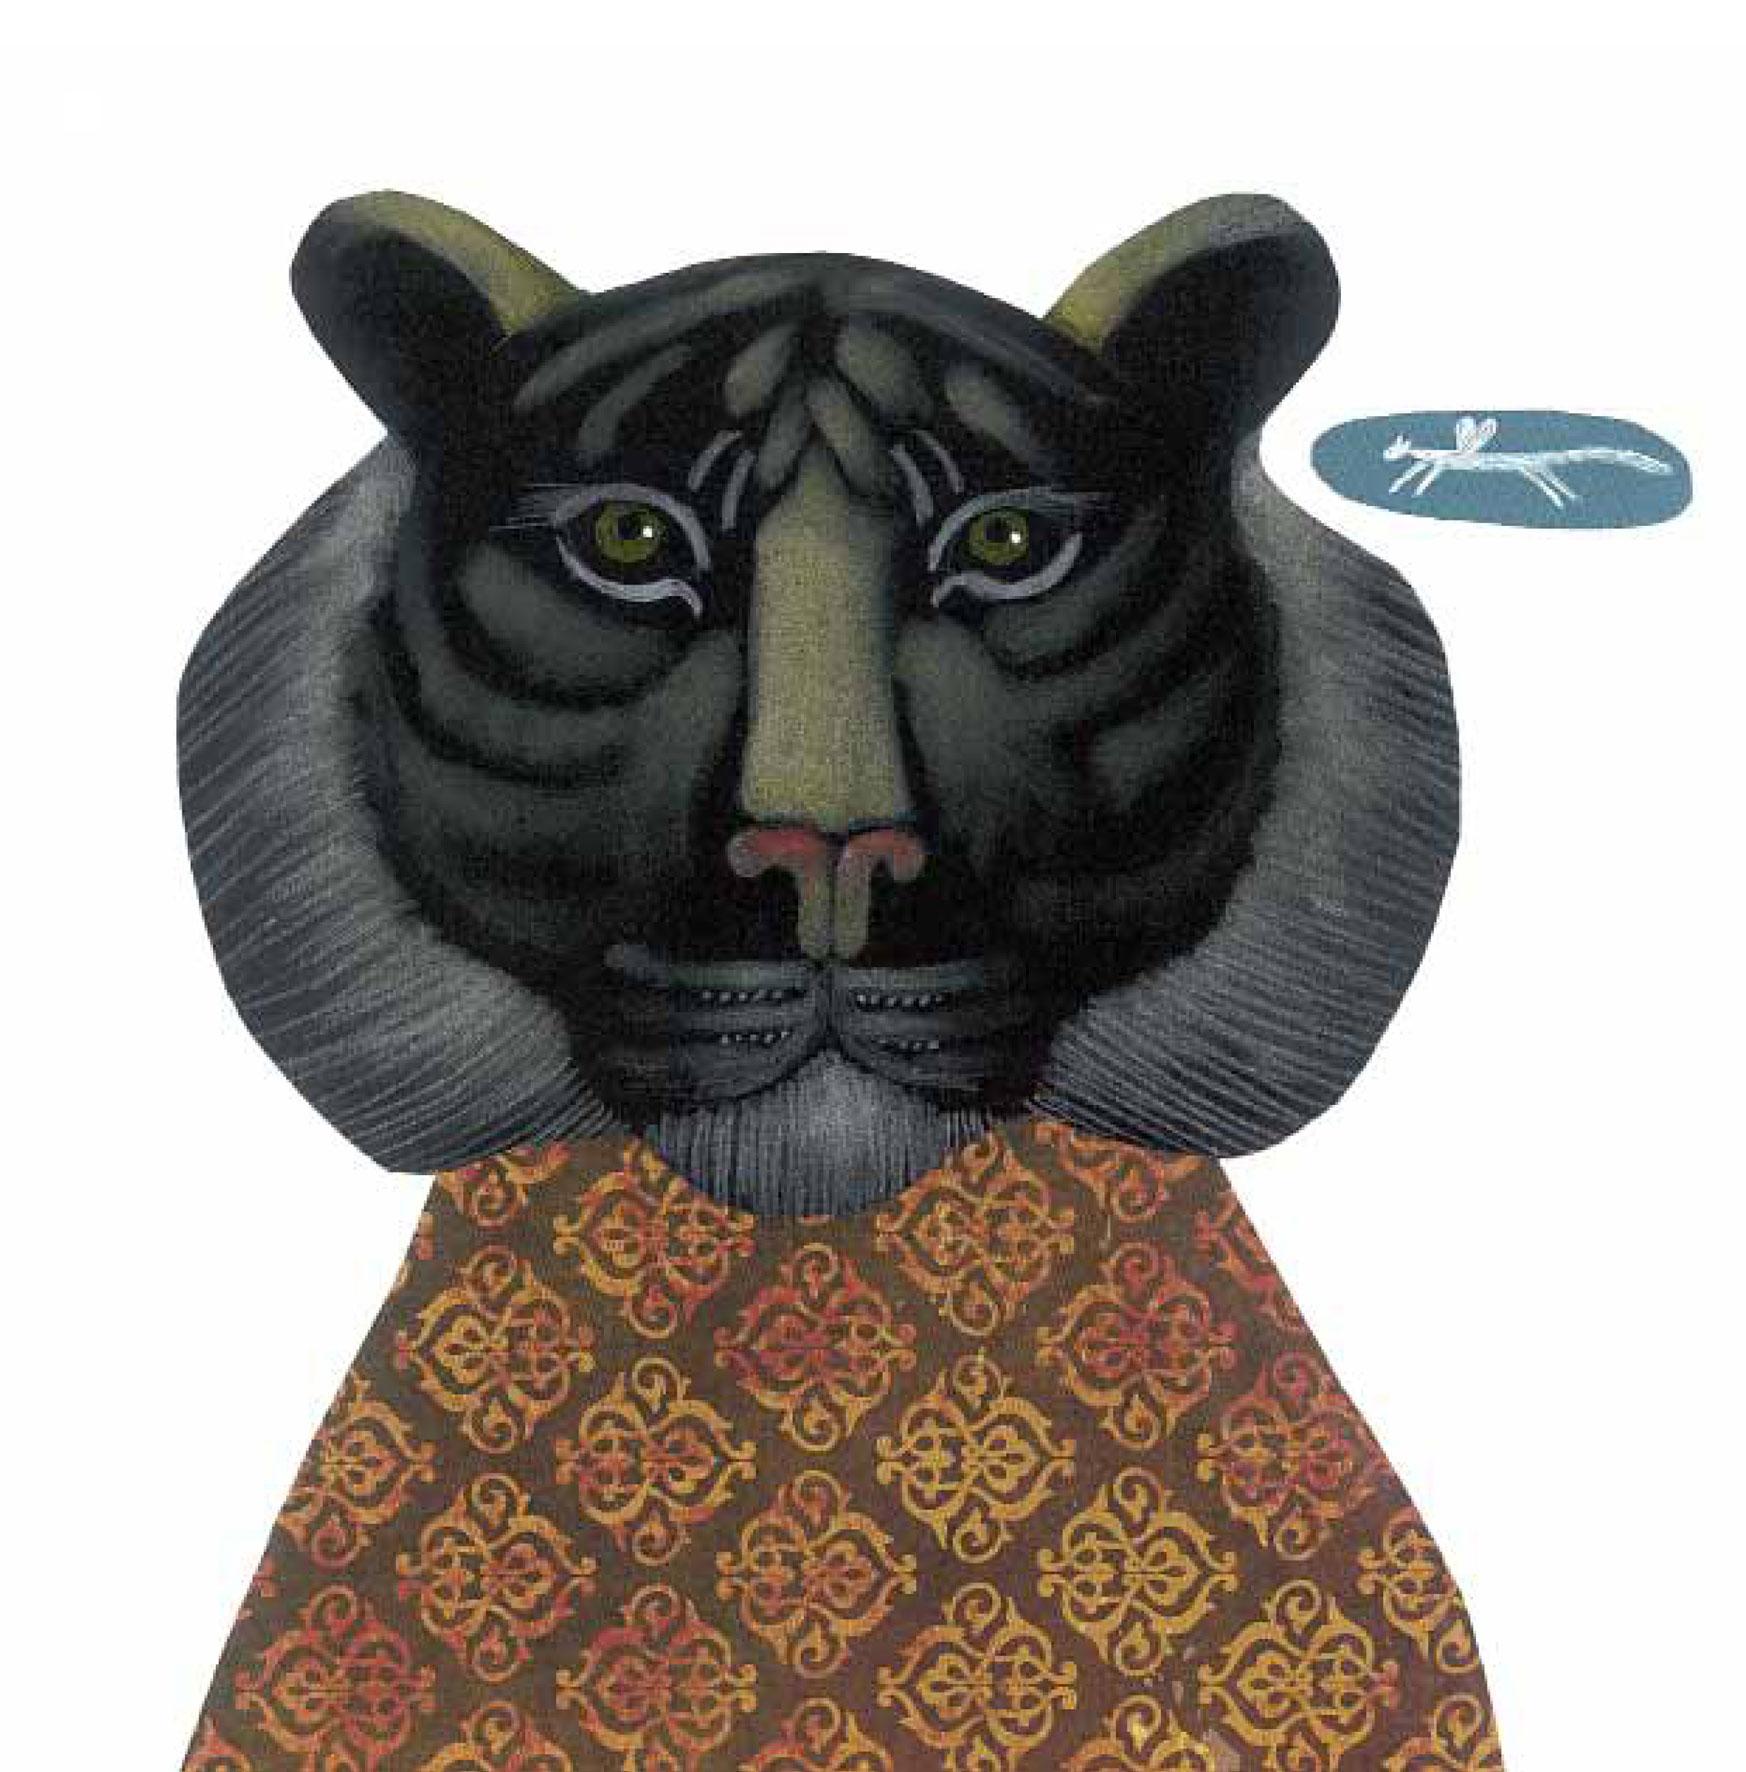 """Tigre di Giava - Illustrazione di Arianna Papini da """"Cari estinti"""", Edizione Kalandraka"""